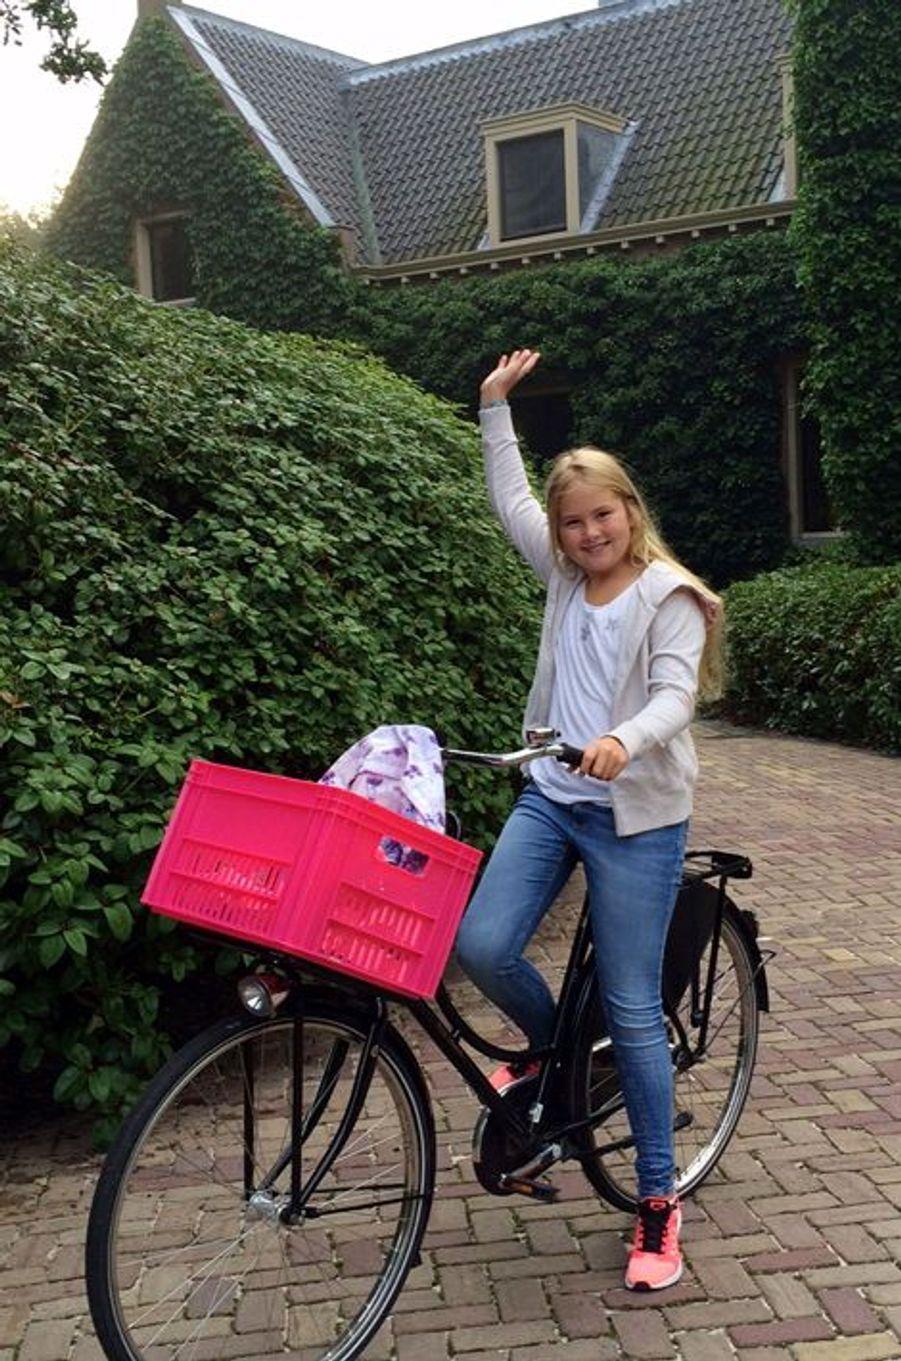 Ce lundi 24 août, c'est à vélo que la princesse Catharine-Amalia des Pays-Bas, qui fêtera en décembre ses 12 ans, a quitté la maison de ses parents, le roi Willem-Alexander et le reine Maxima, pour rejoindre sa nouvelle école. Fier de sa grande fille, le roi Willem-Alexander n'a pas manqué d'immortaliser lui-même son départ à bicyclette, le temps d'une courte vidéo.Chaque dimanche, le Royal Blog de Paris Match vous propose de voir ou revoir les plus belles photographies de la semaine royale.